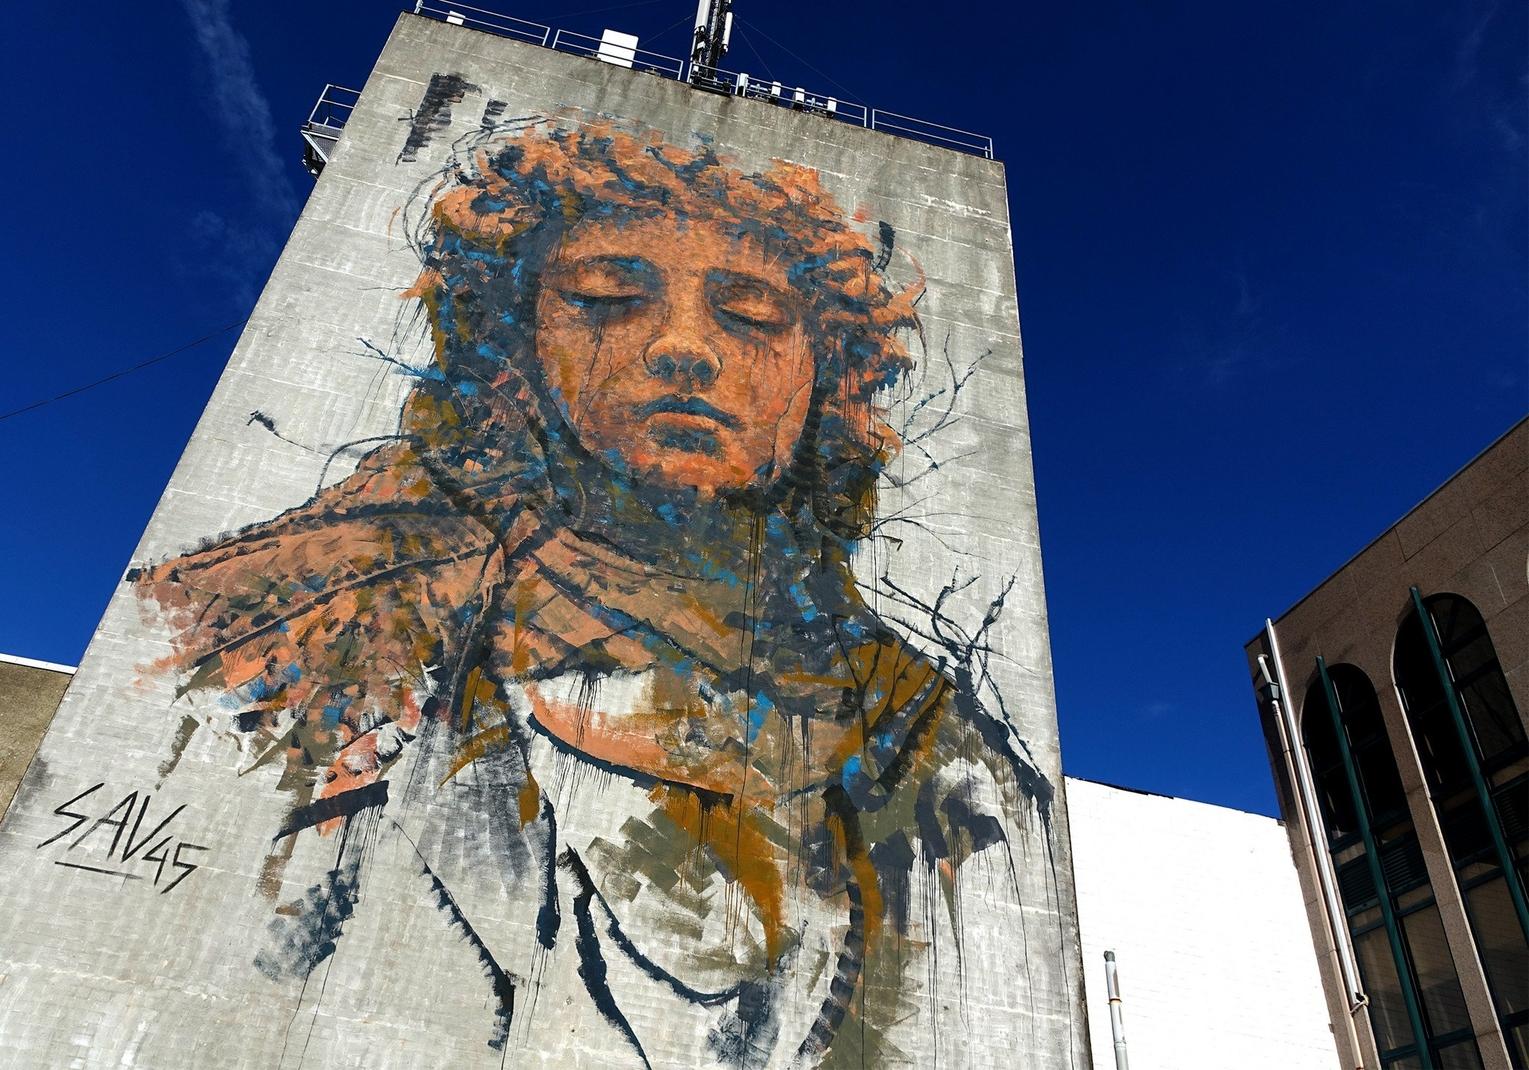 Passeio em família: Celebrar a arte urbana nas ruas de Águeda